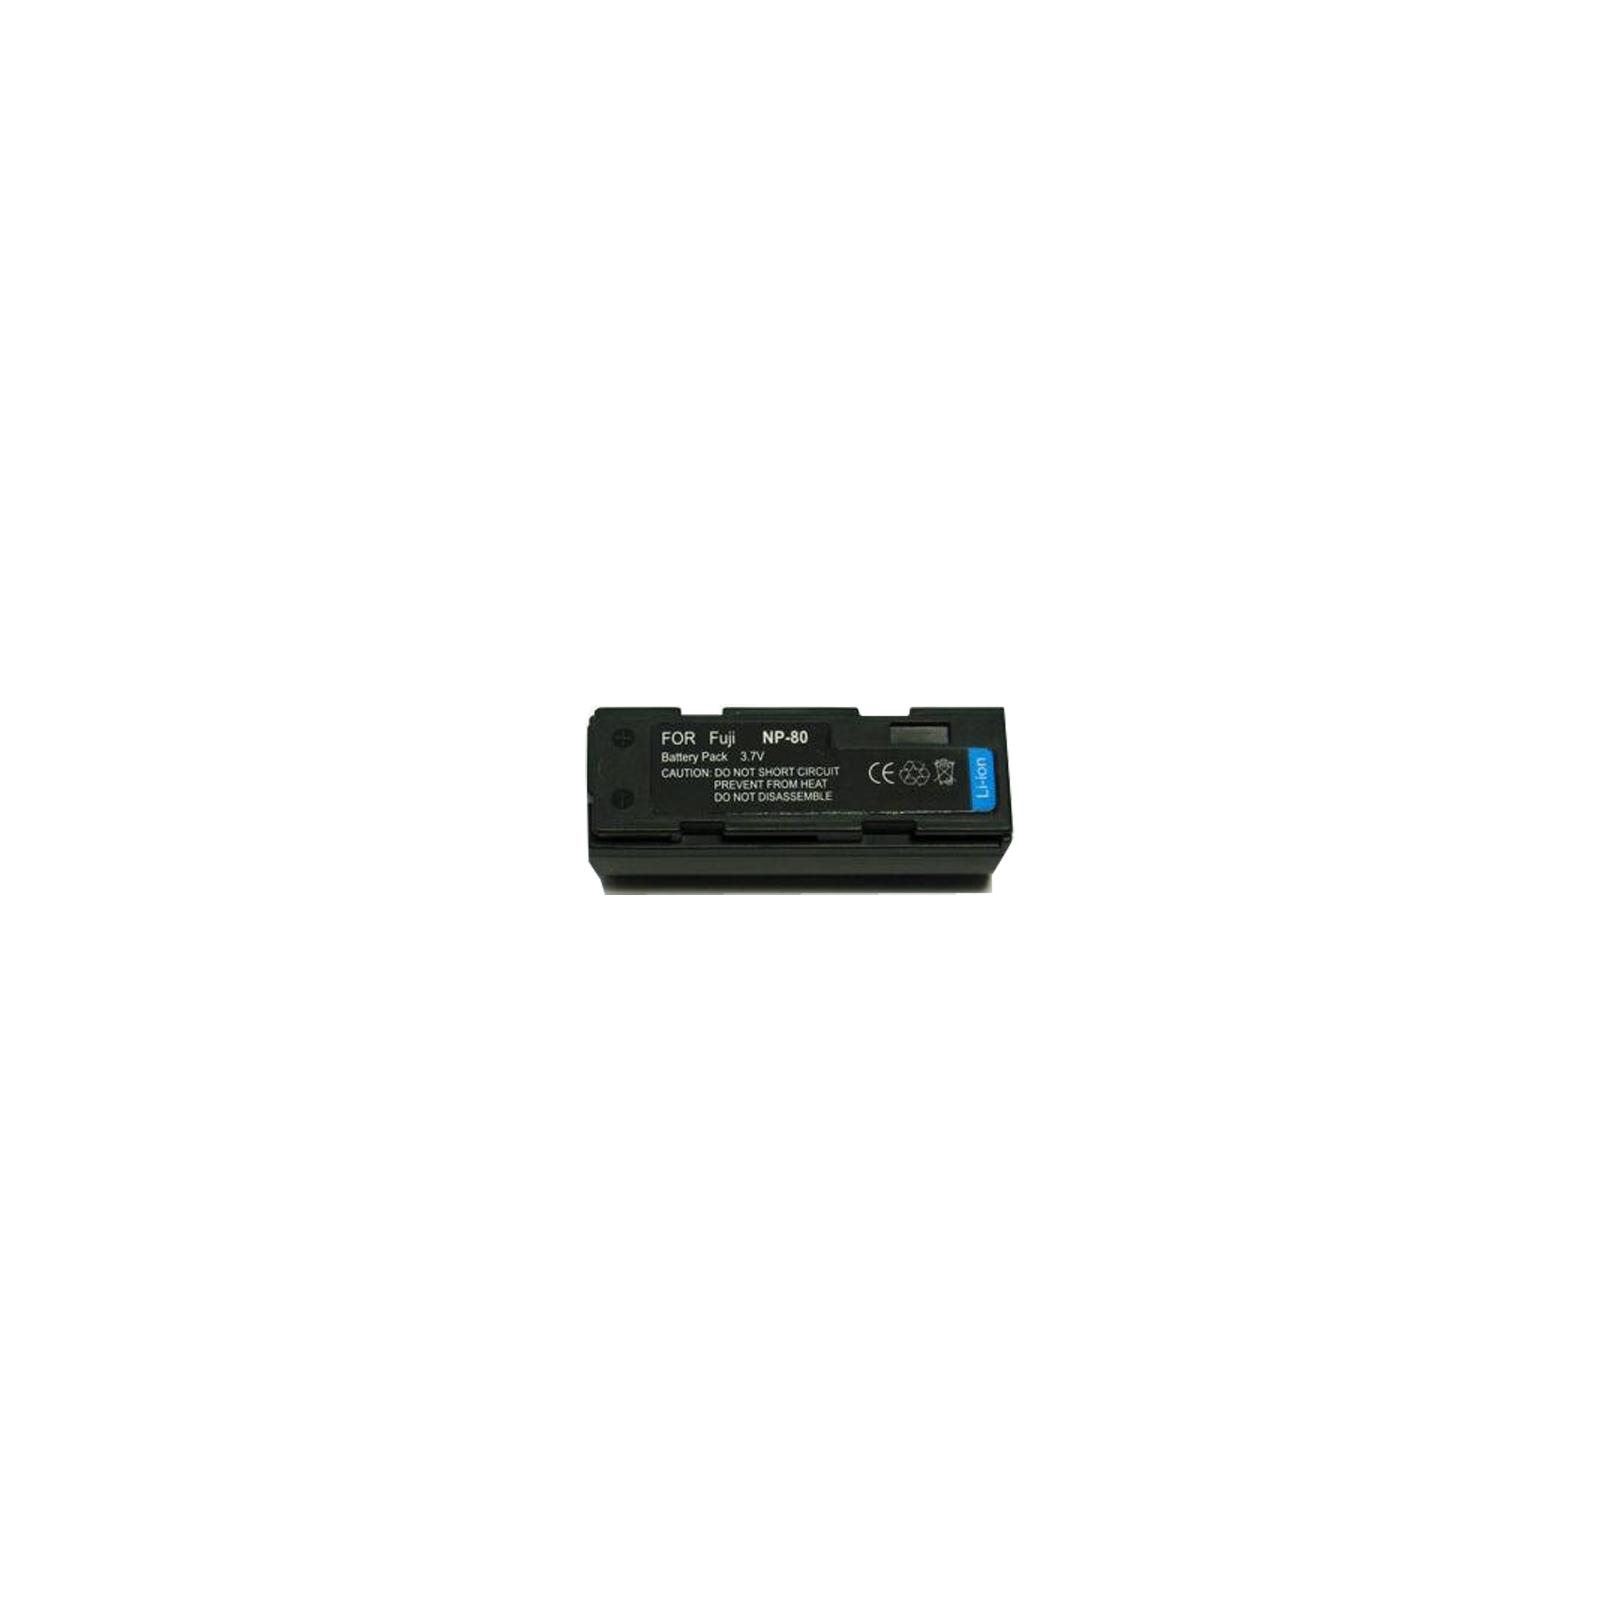 Аккумулятор к фото/видео PowerPlant Fuji NP-80 (DV00DV1048)